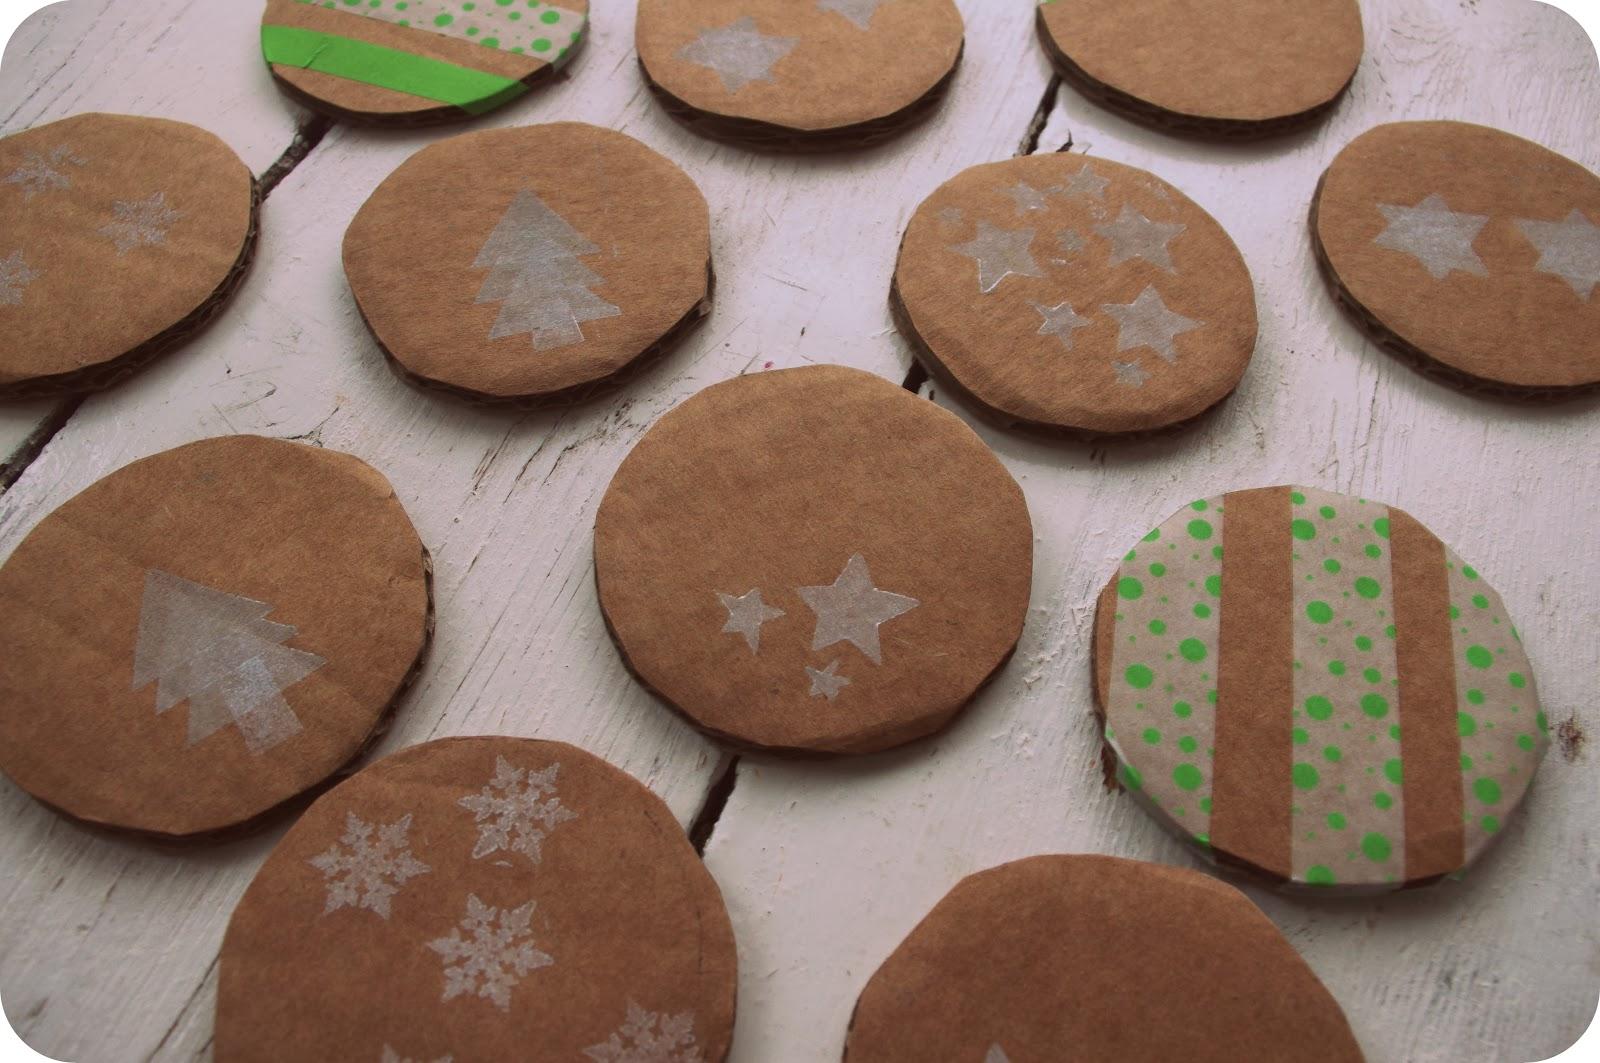 Elogent die sache mit dem weihnachtsbaum - Weihnachtsbaum aus pappe ...